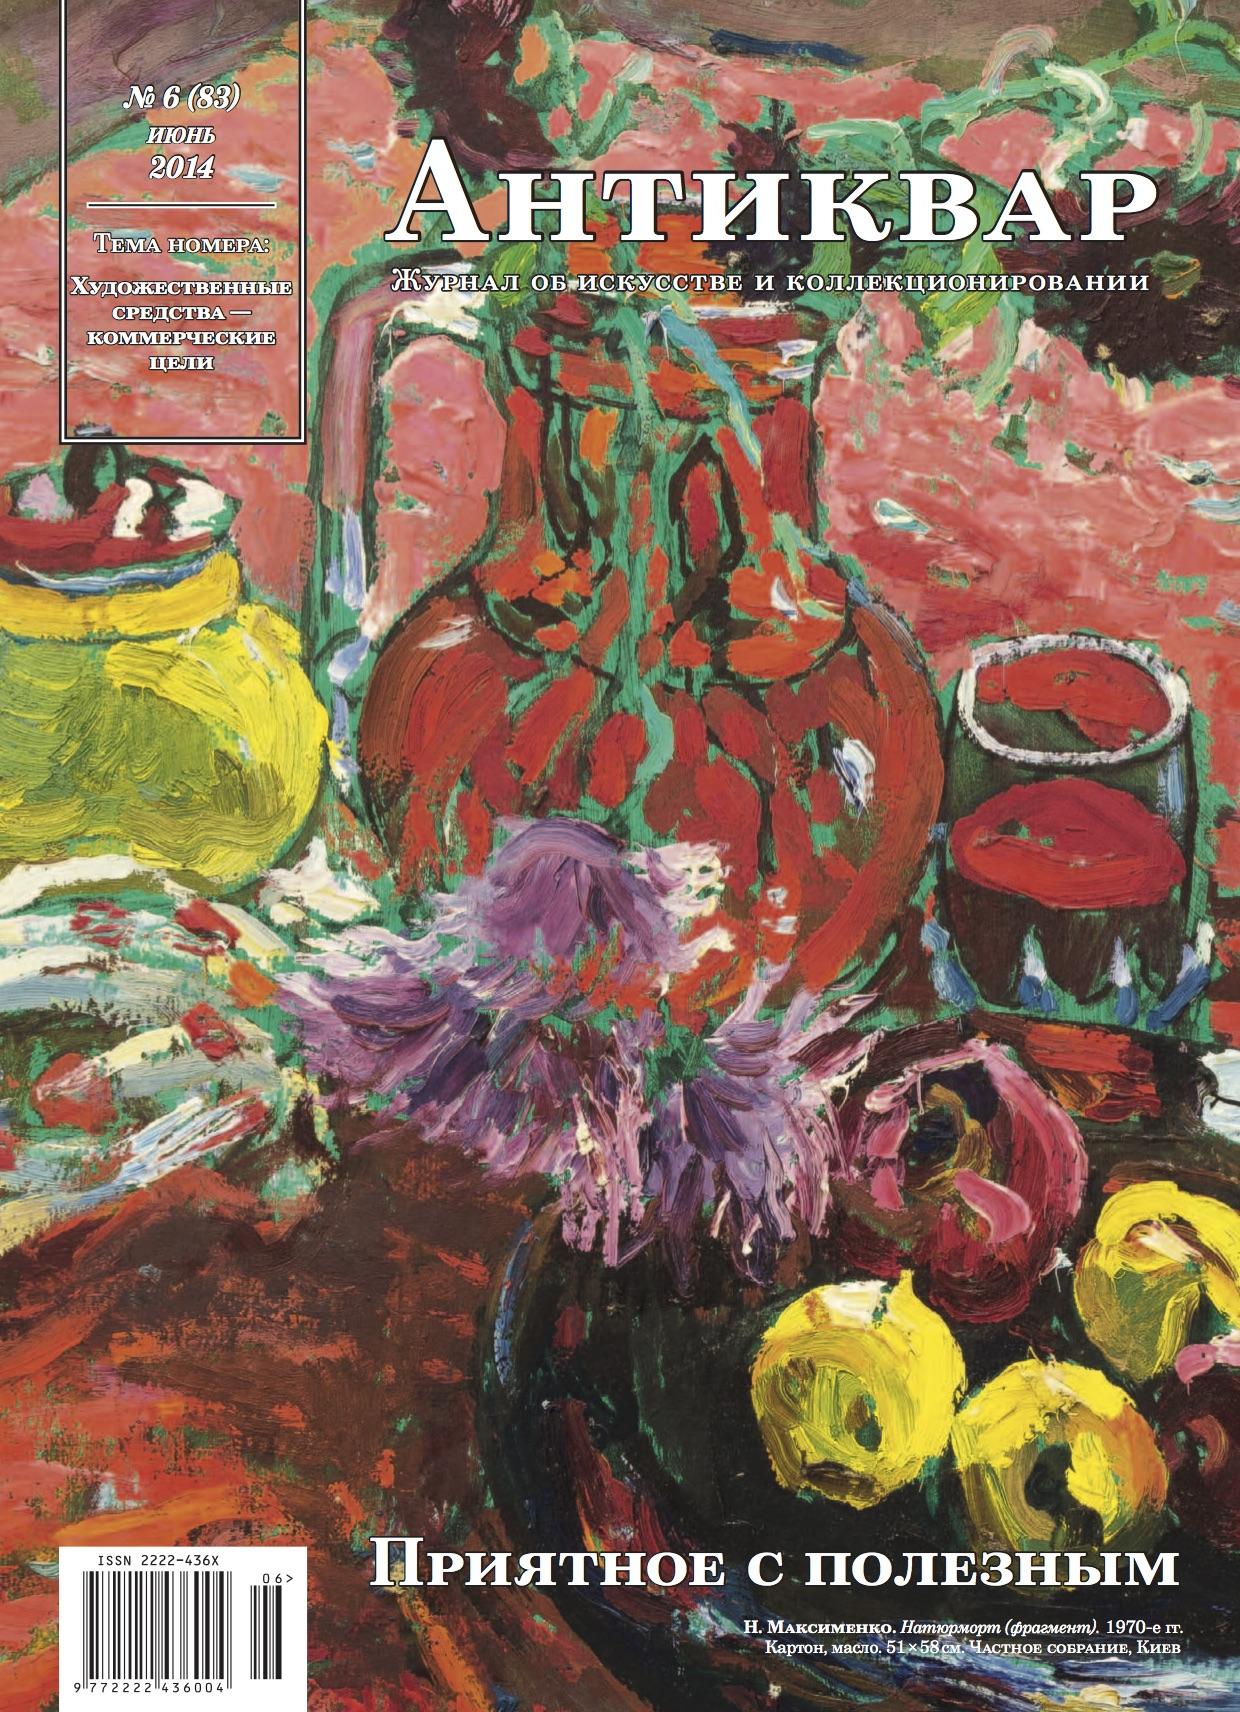 Журнал Антиквар #83: Художественные средства - коммерческие цели